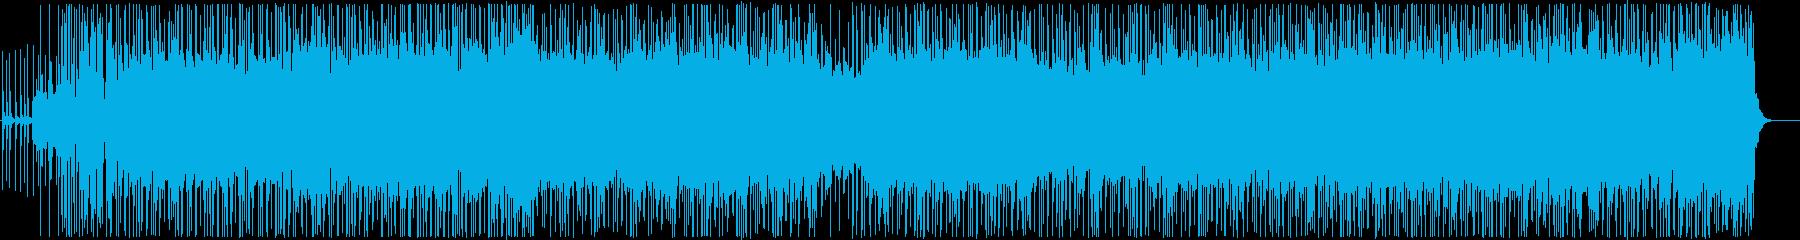 クールでかっこいい雰囲気のおしゃれな曲の再生済みの波形